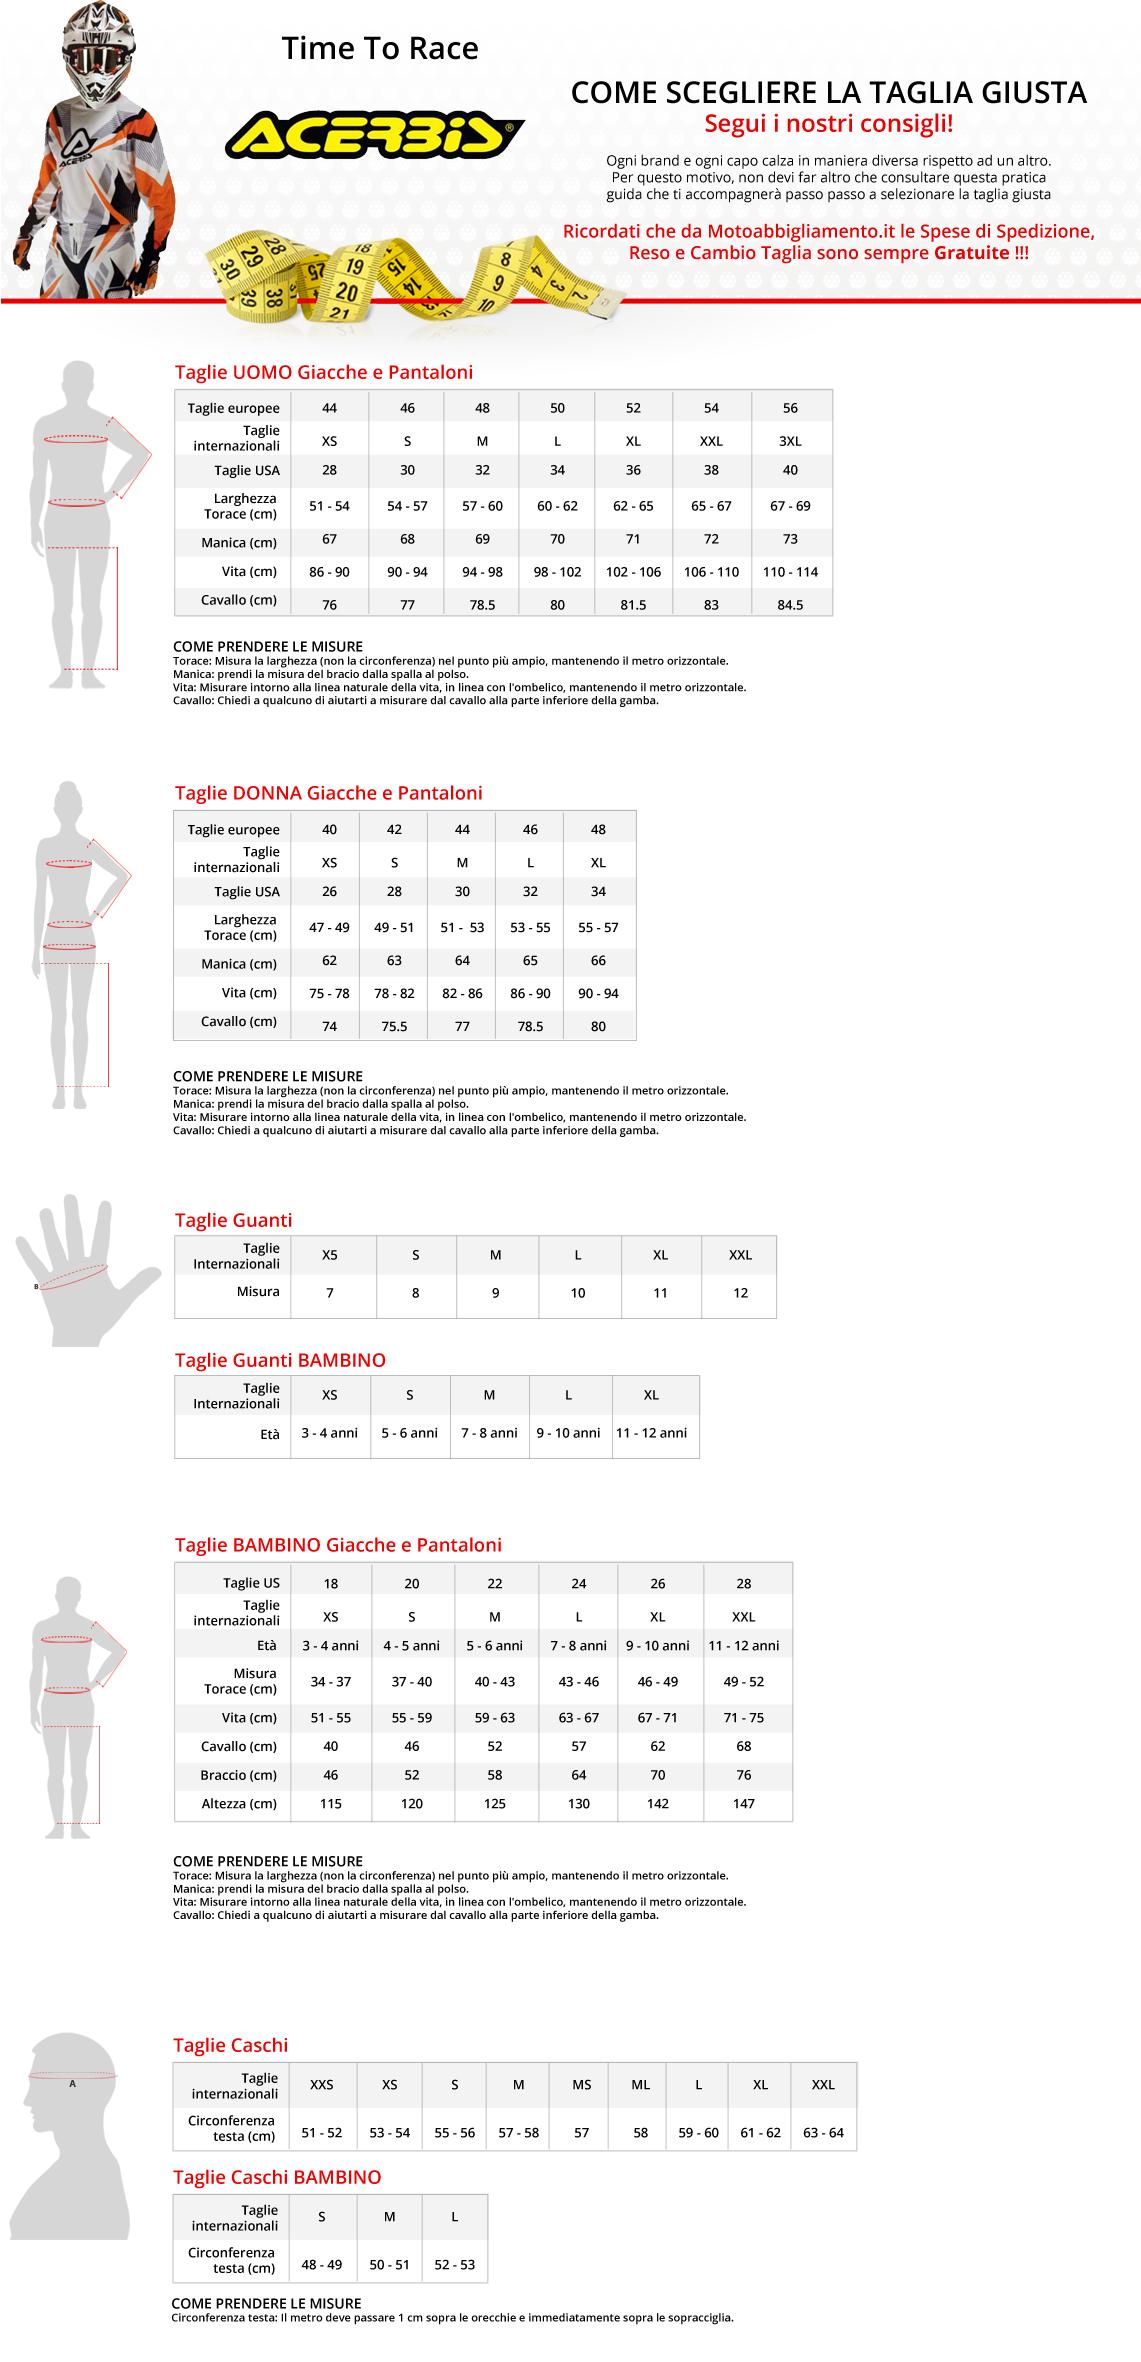 Tabella di comparazione taglie - Acerbis